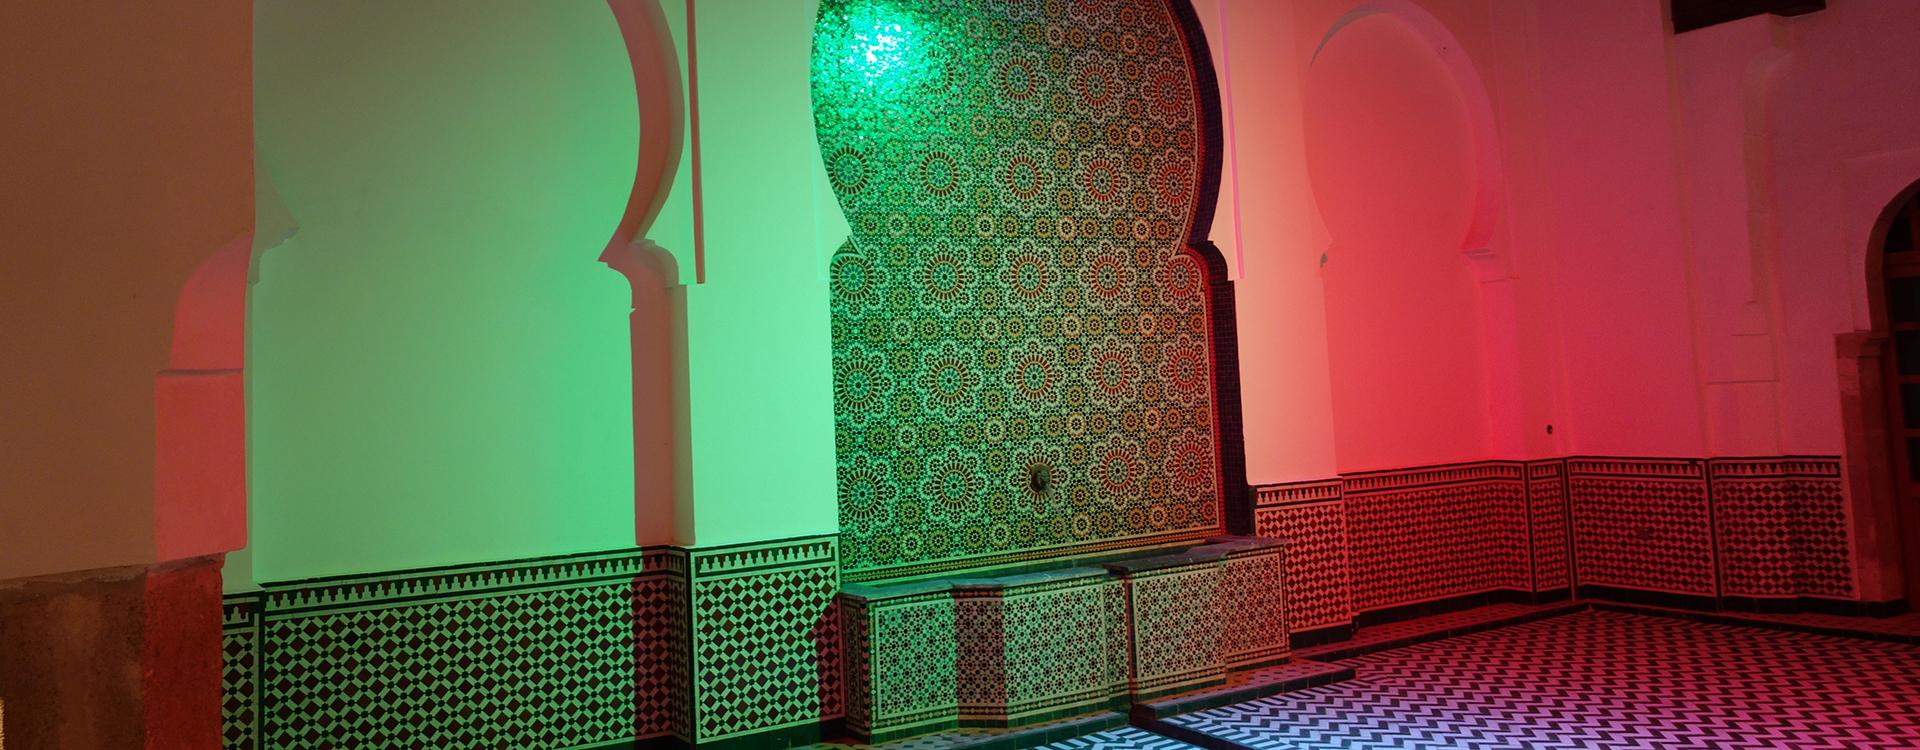 Rehabilitació de l'antiga escola Abdellaouia a l'antiga Medina de Casablanca i reconversió en Centre d'Interpretació del Patrimoni